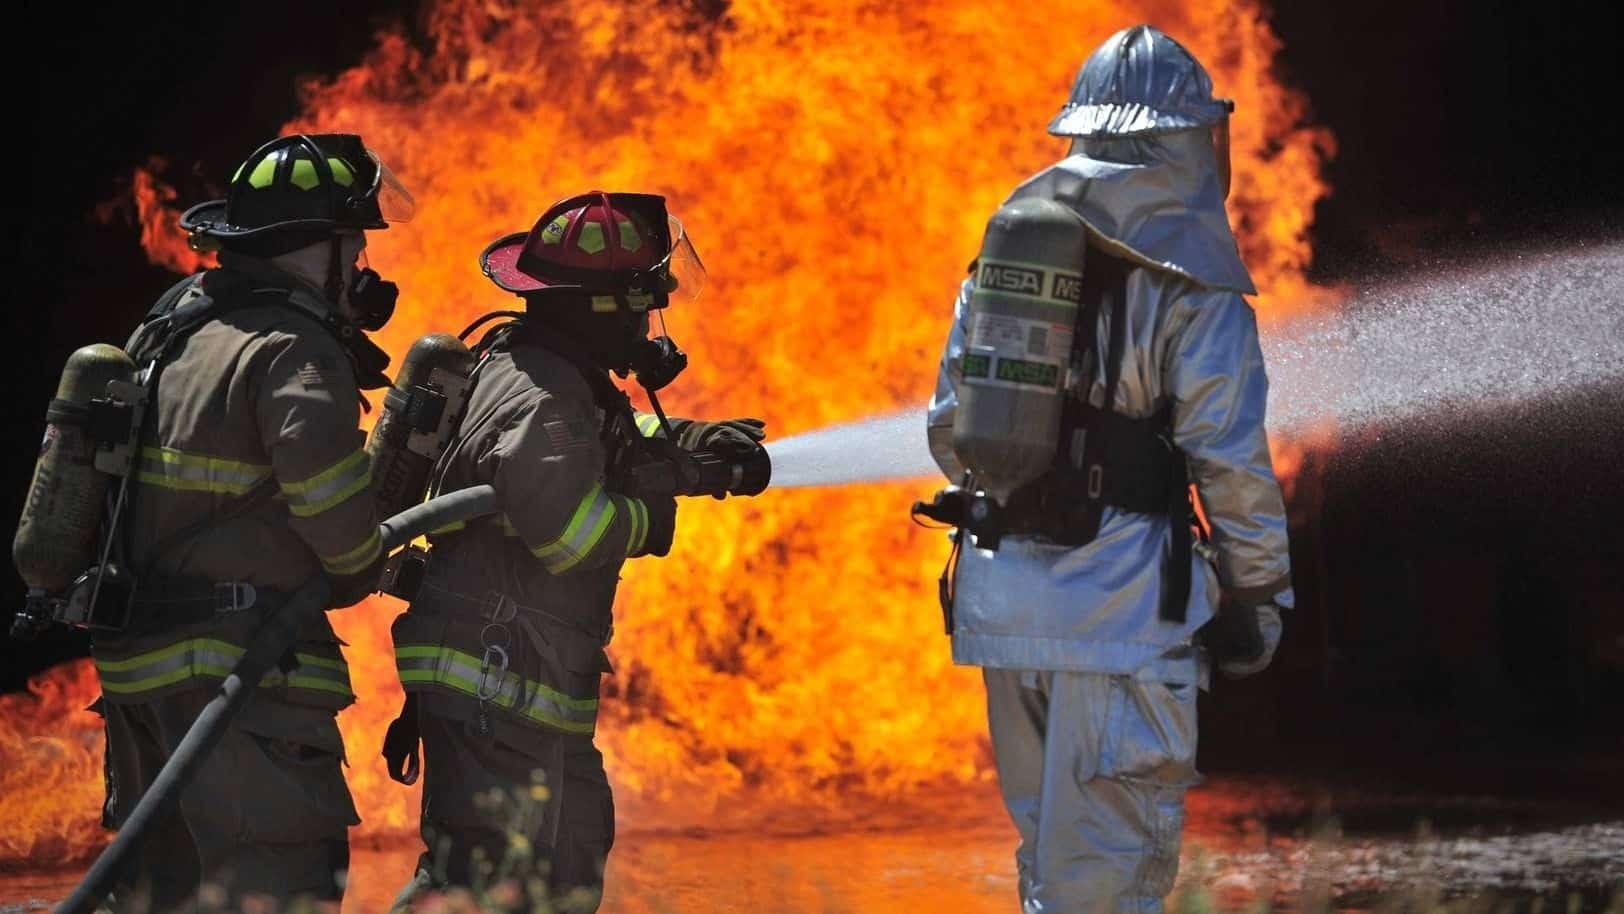 Порядок действий при возникновении пожара | Какие сведения необходимо сообщать в пожарную охрану